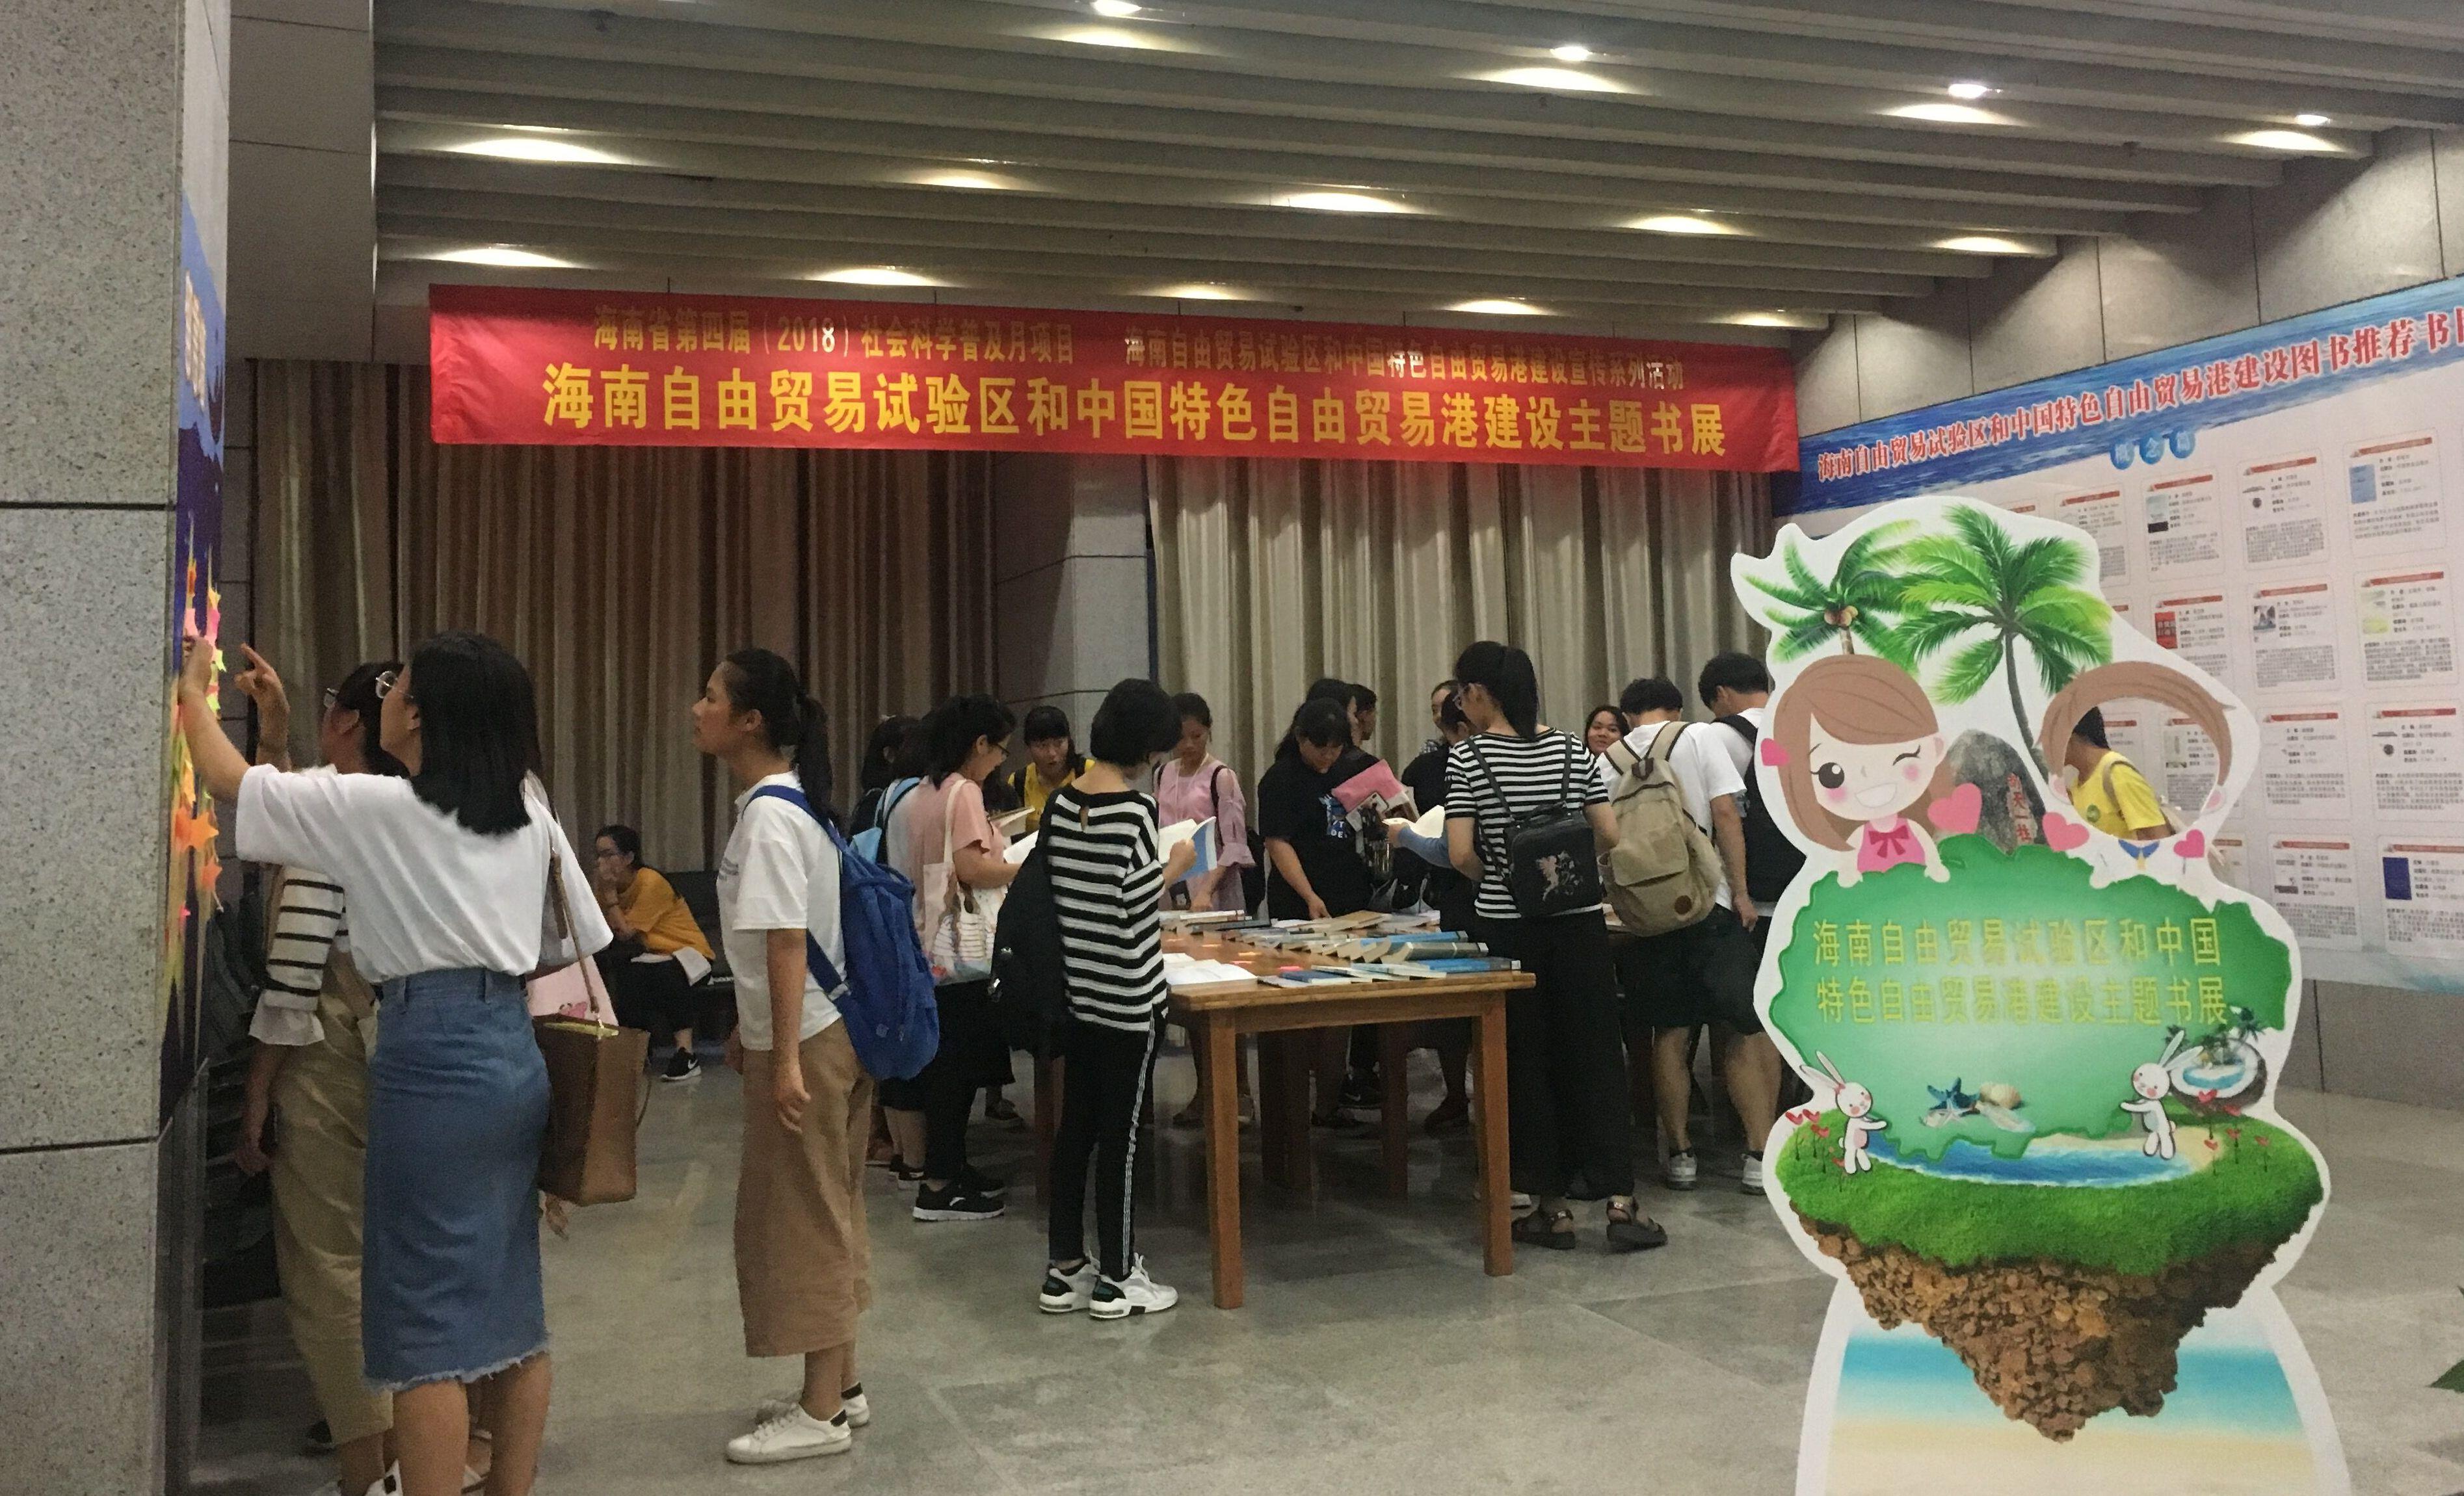 图书馆举办海南自由贸易试验区和中国特色自由贸易港建设讲座